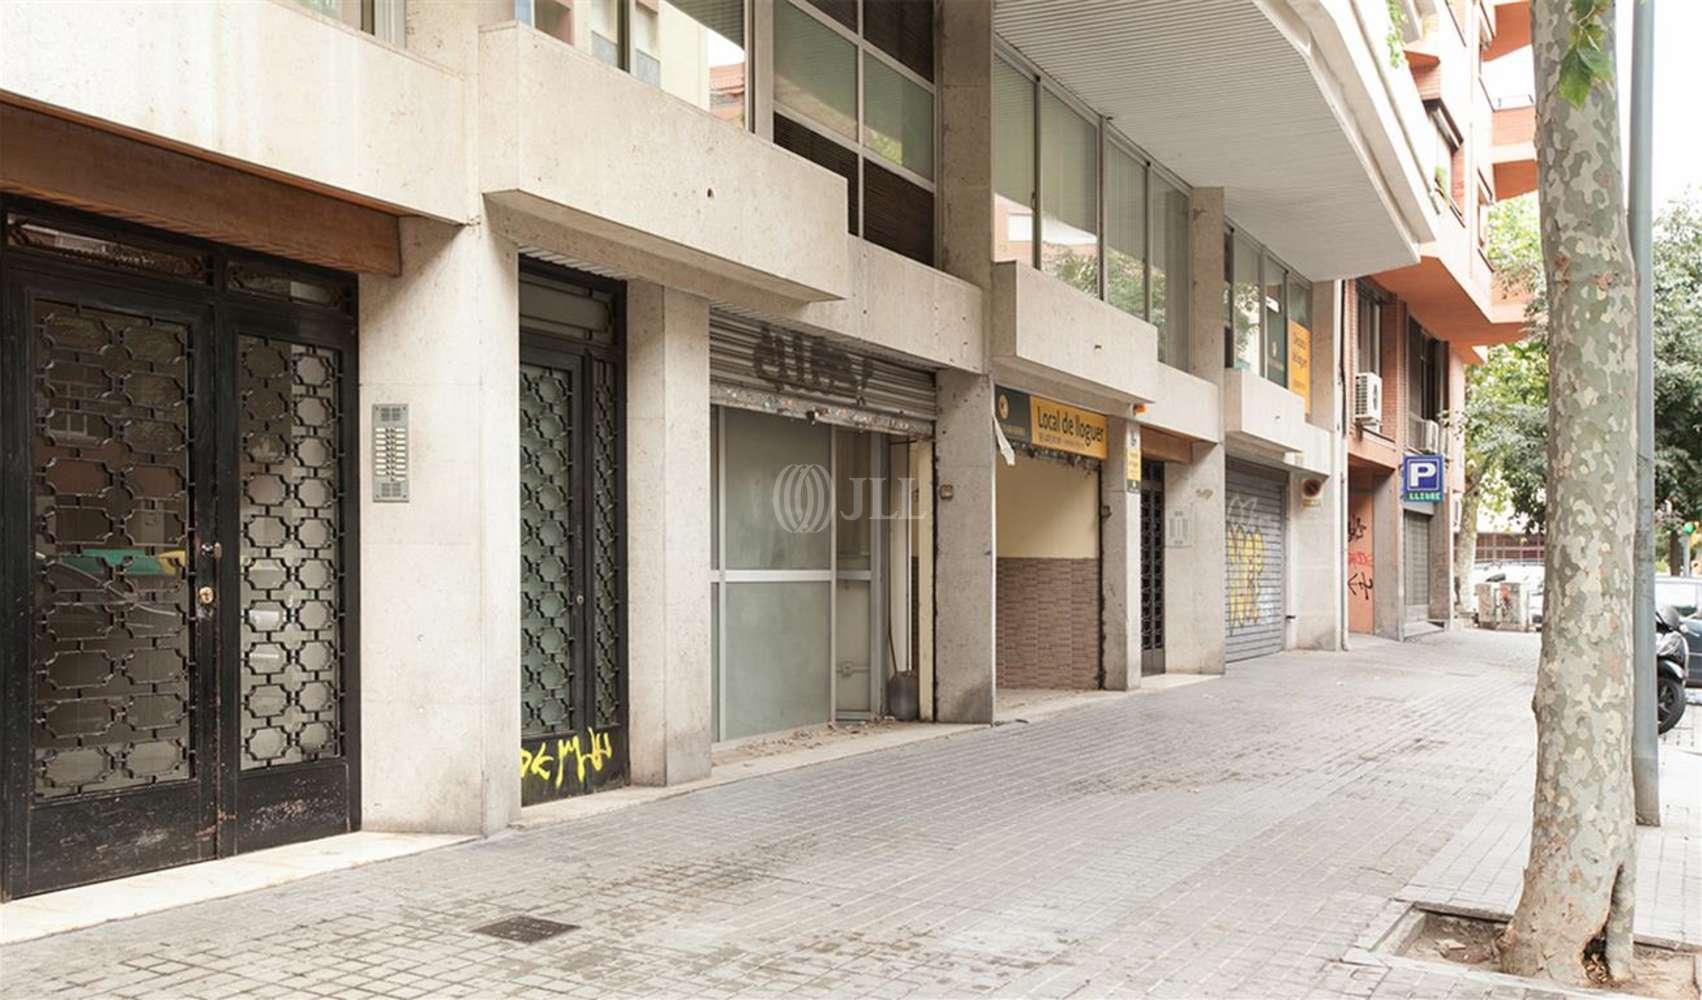 Local comercial Barcelona, 8018 - BUENAVENTURA MUÑOZ 13